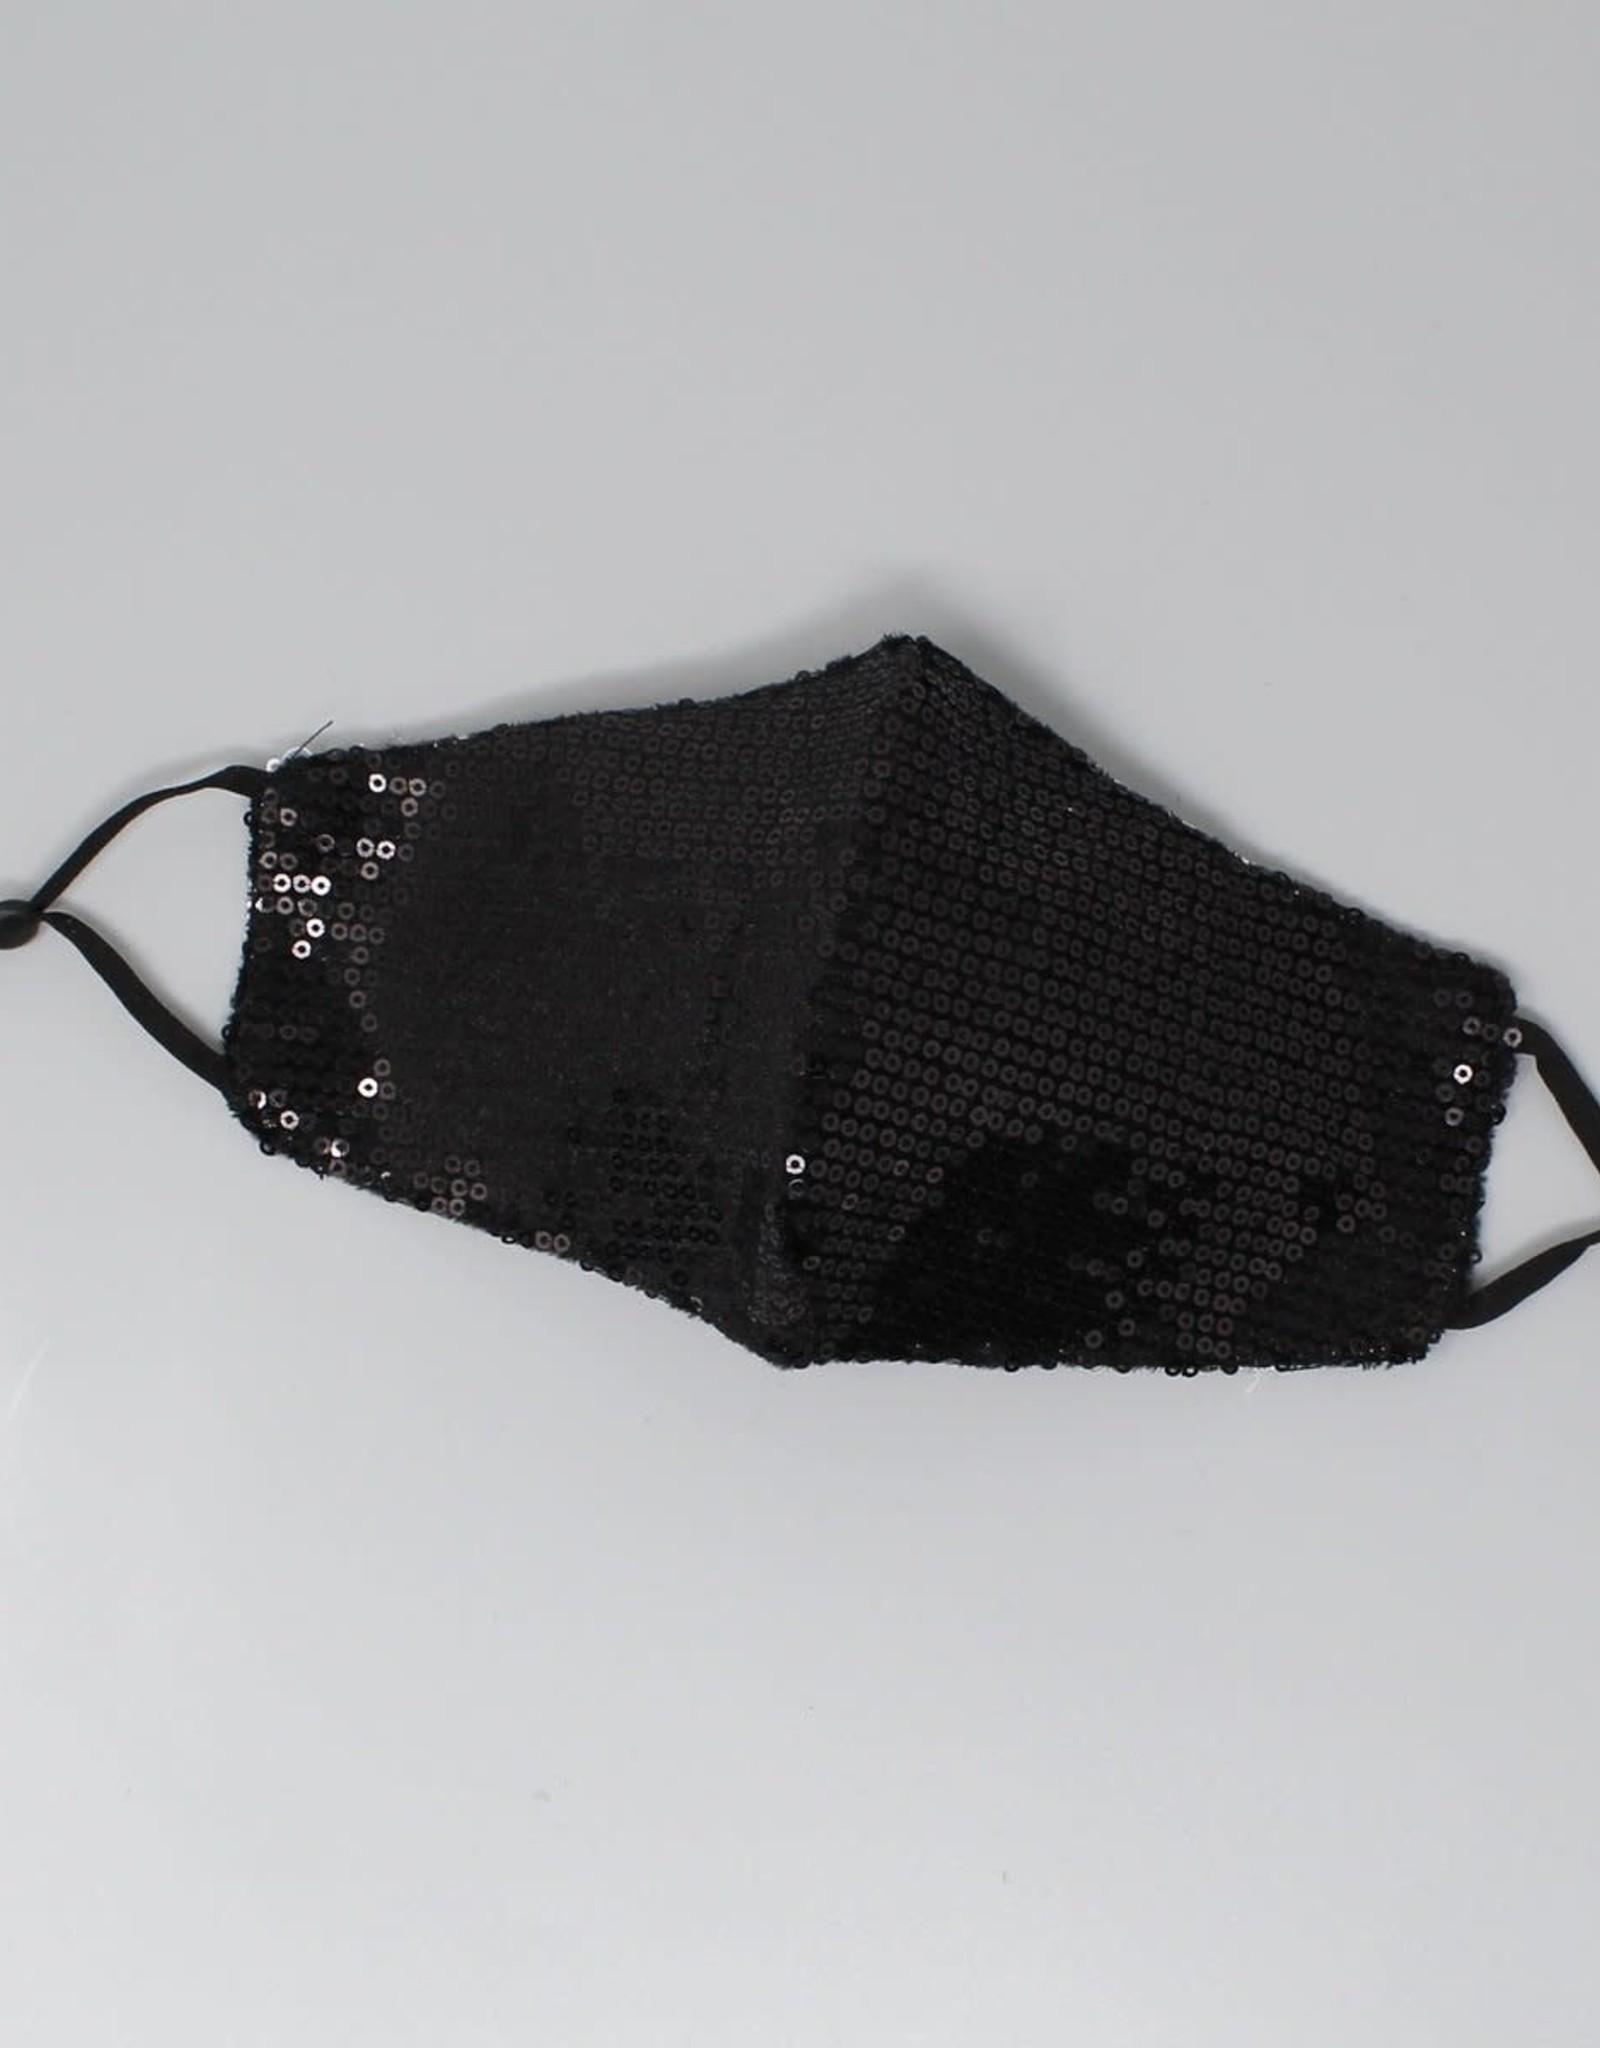 Face Mask Sequin Embellished Cotton Black